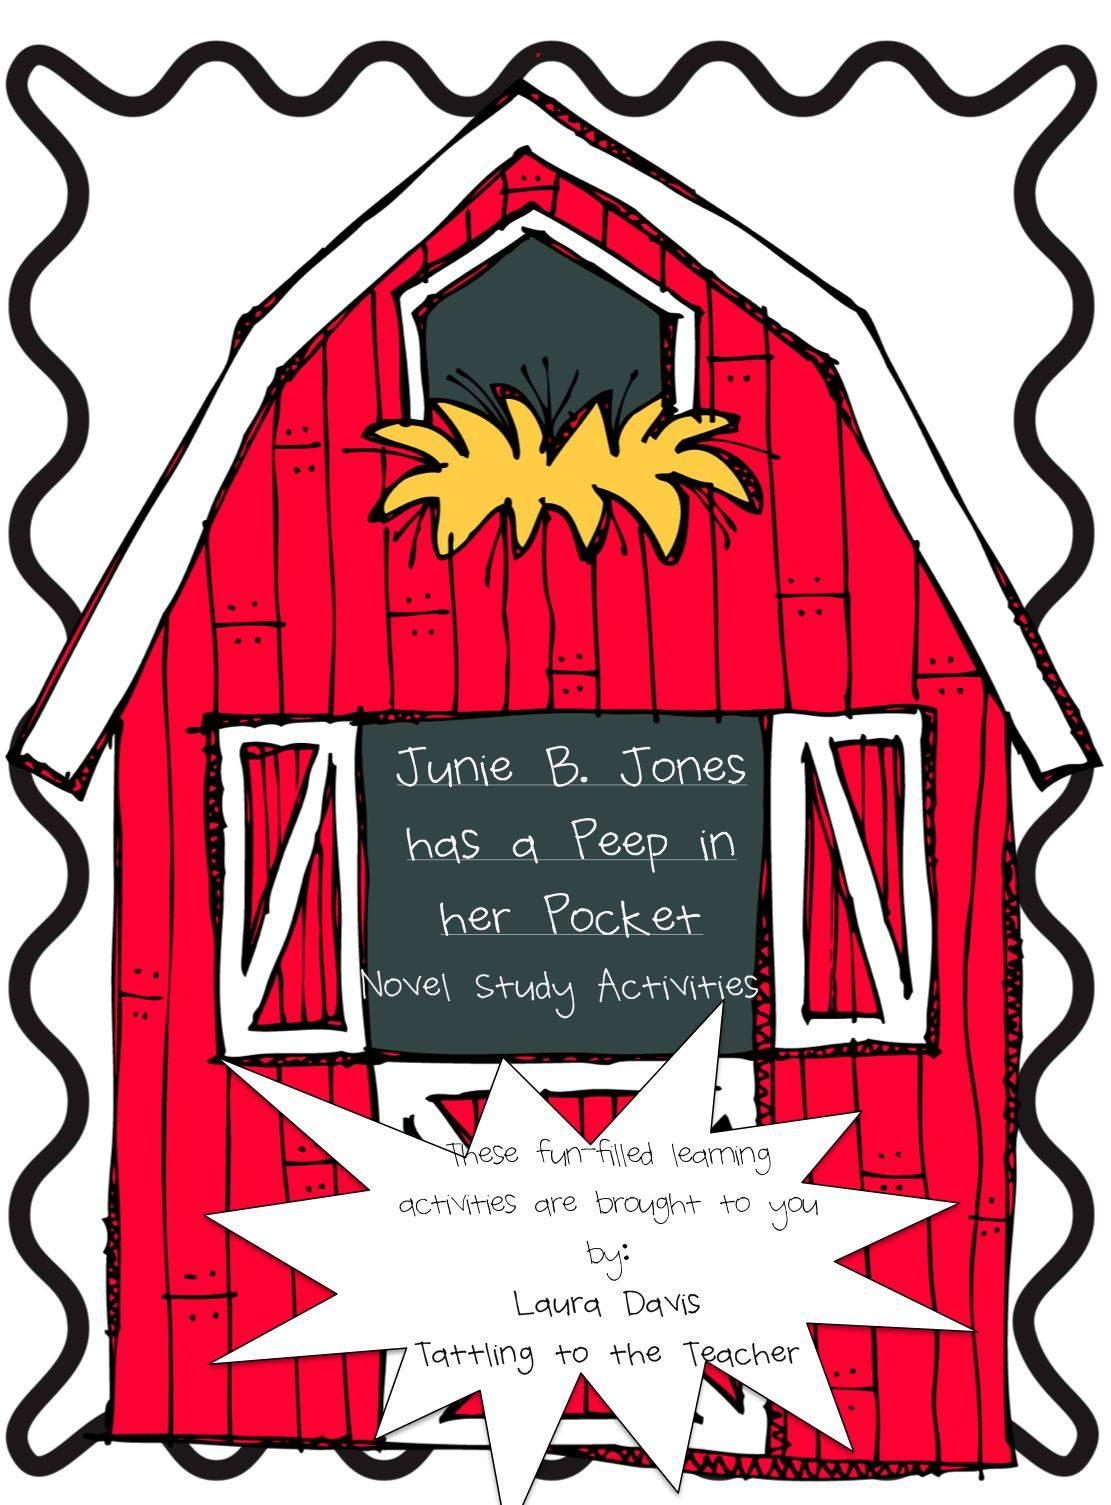 Junie b coloring pages - Junie B Jones Worksheets Junie B Jones Coloring Pages Barbie Coloring Book Printable Junie B Jones